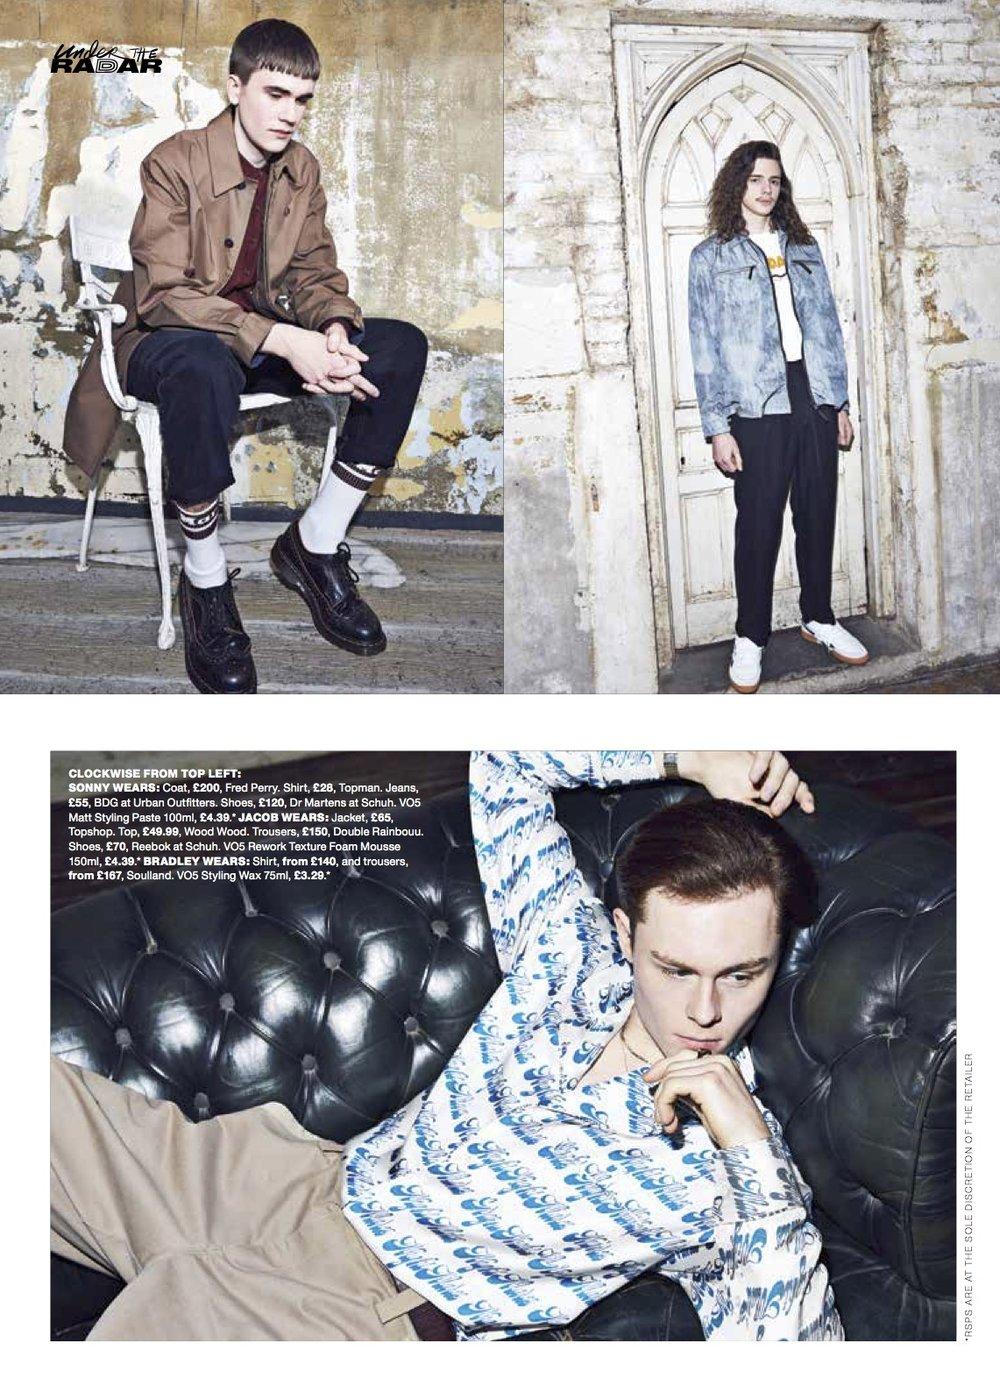 6)NME 4 (9 Feb) UTR VO5 v4[2].jpg